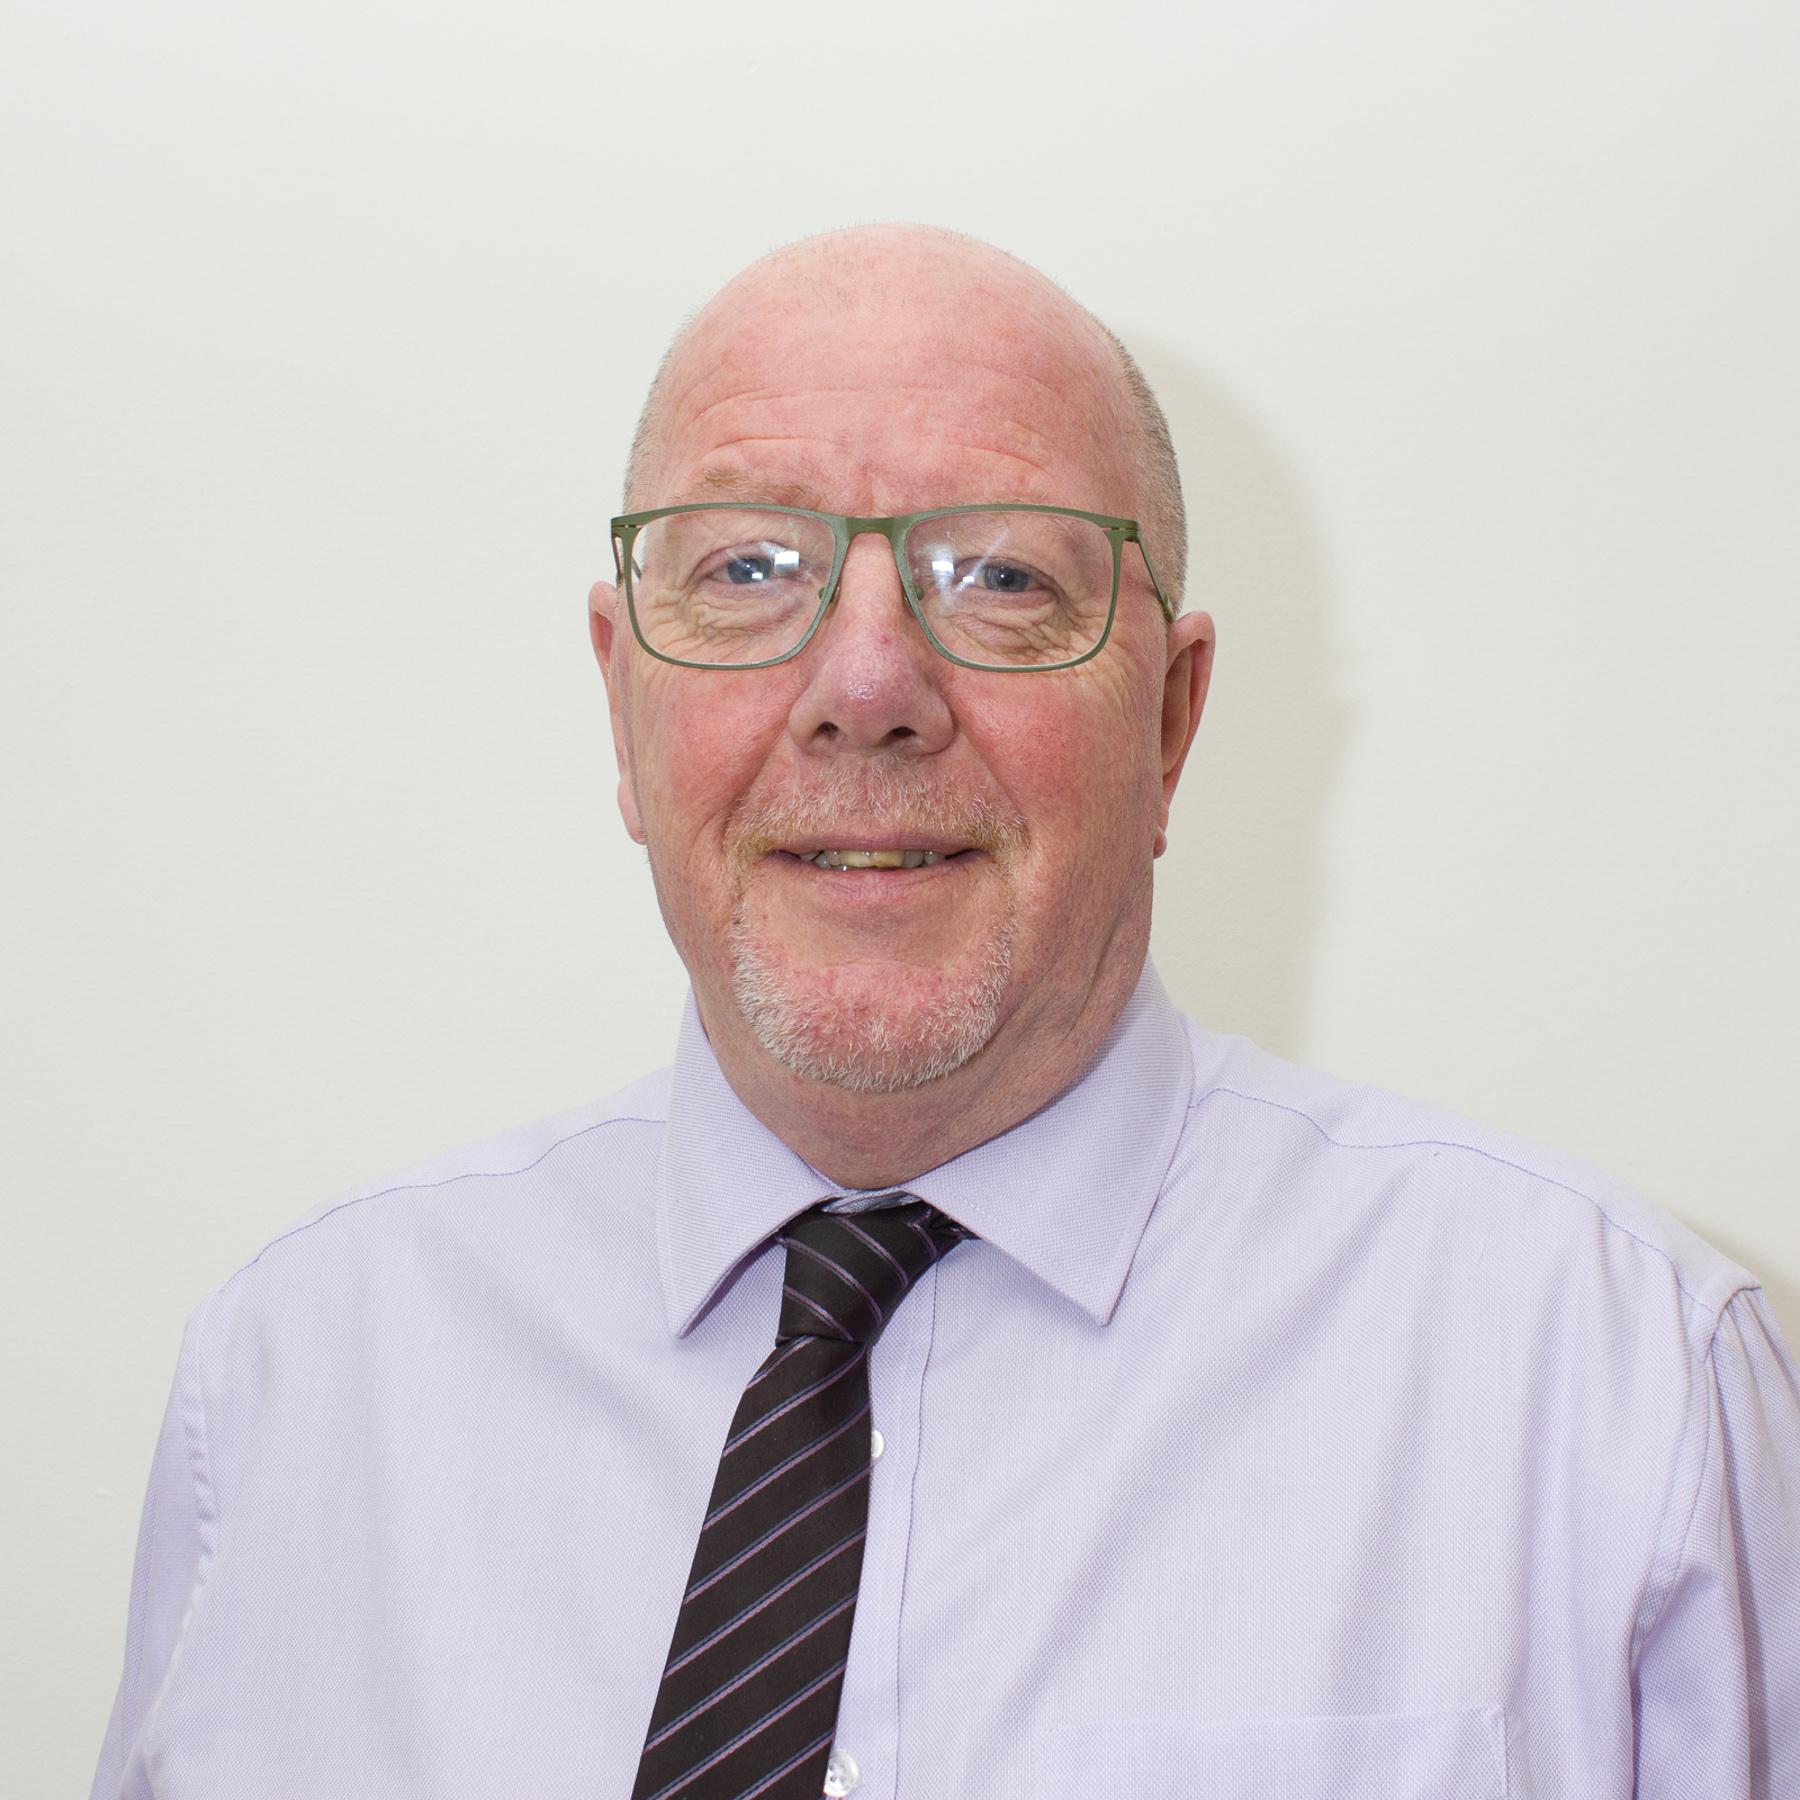 John McGuigan - Business Development Manager